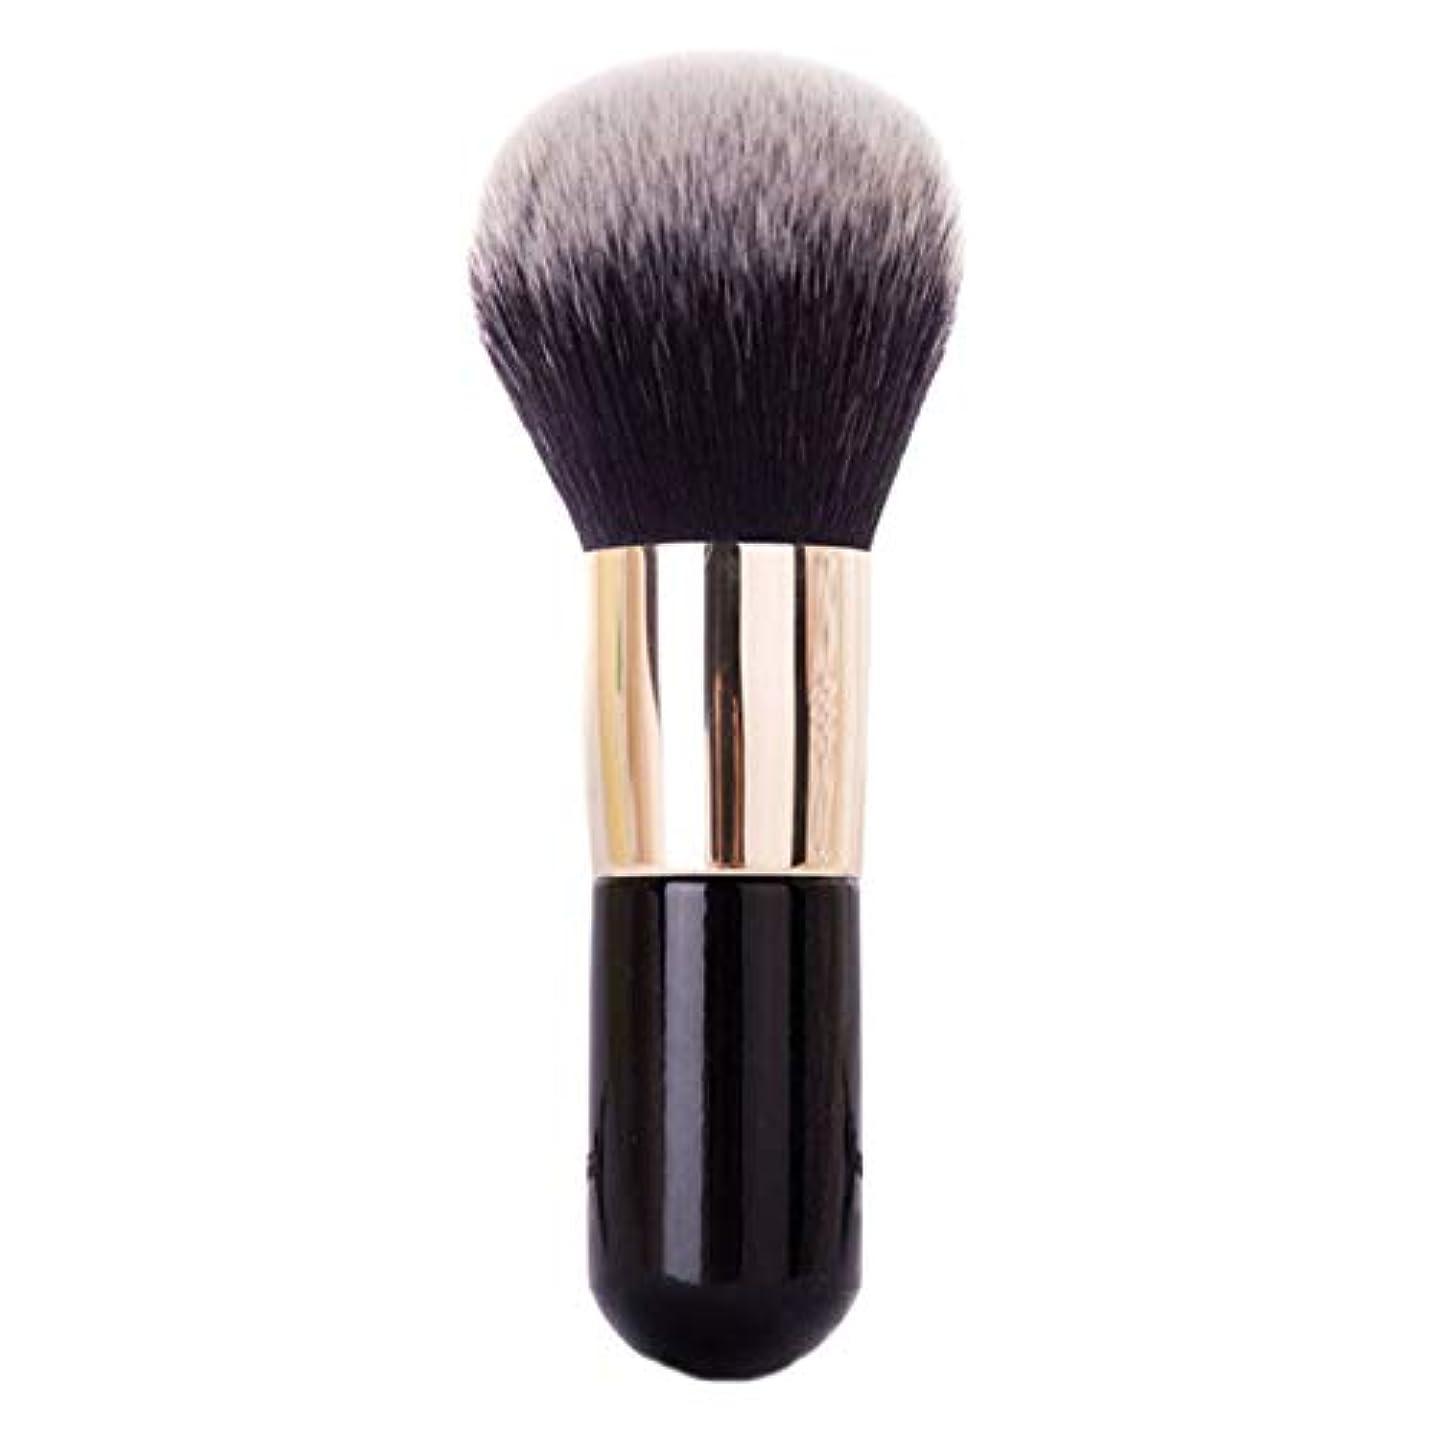 マッサージカレッジパントリーSODIAL ビッグサイズ化粧ブラシ 美容パウダーフェイスブラッシュブラシ プロフェッショナル大化粧品 ソフトファンデーションメイクアップツール